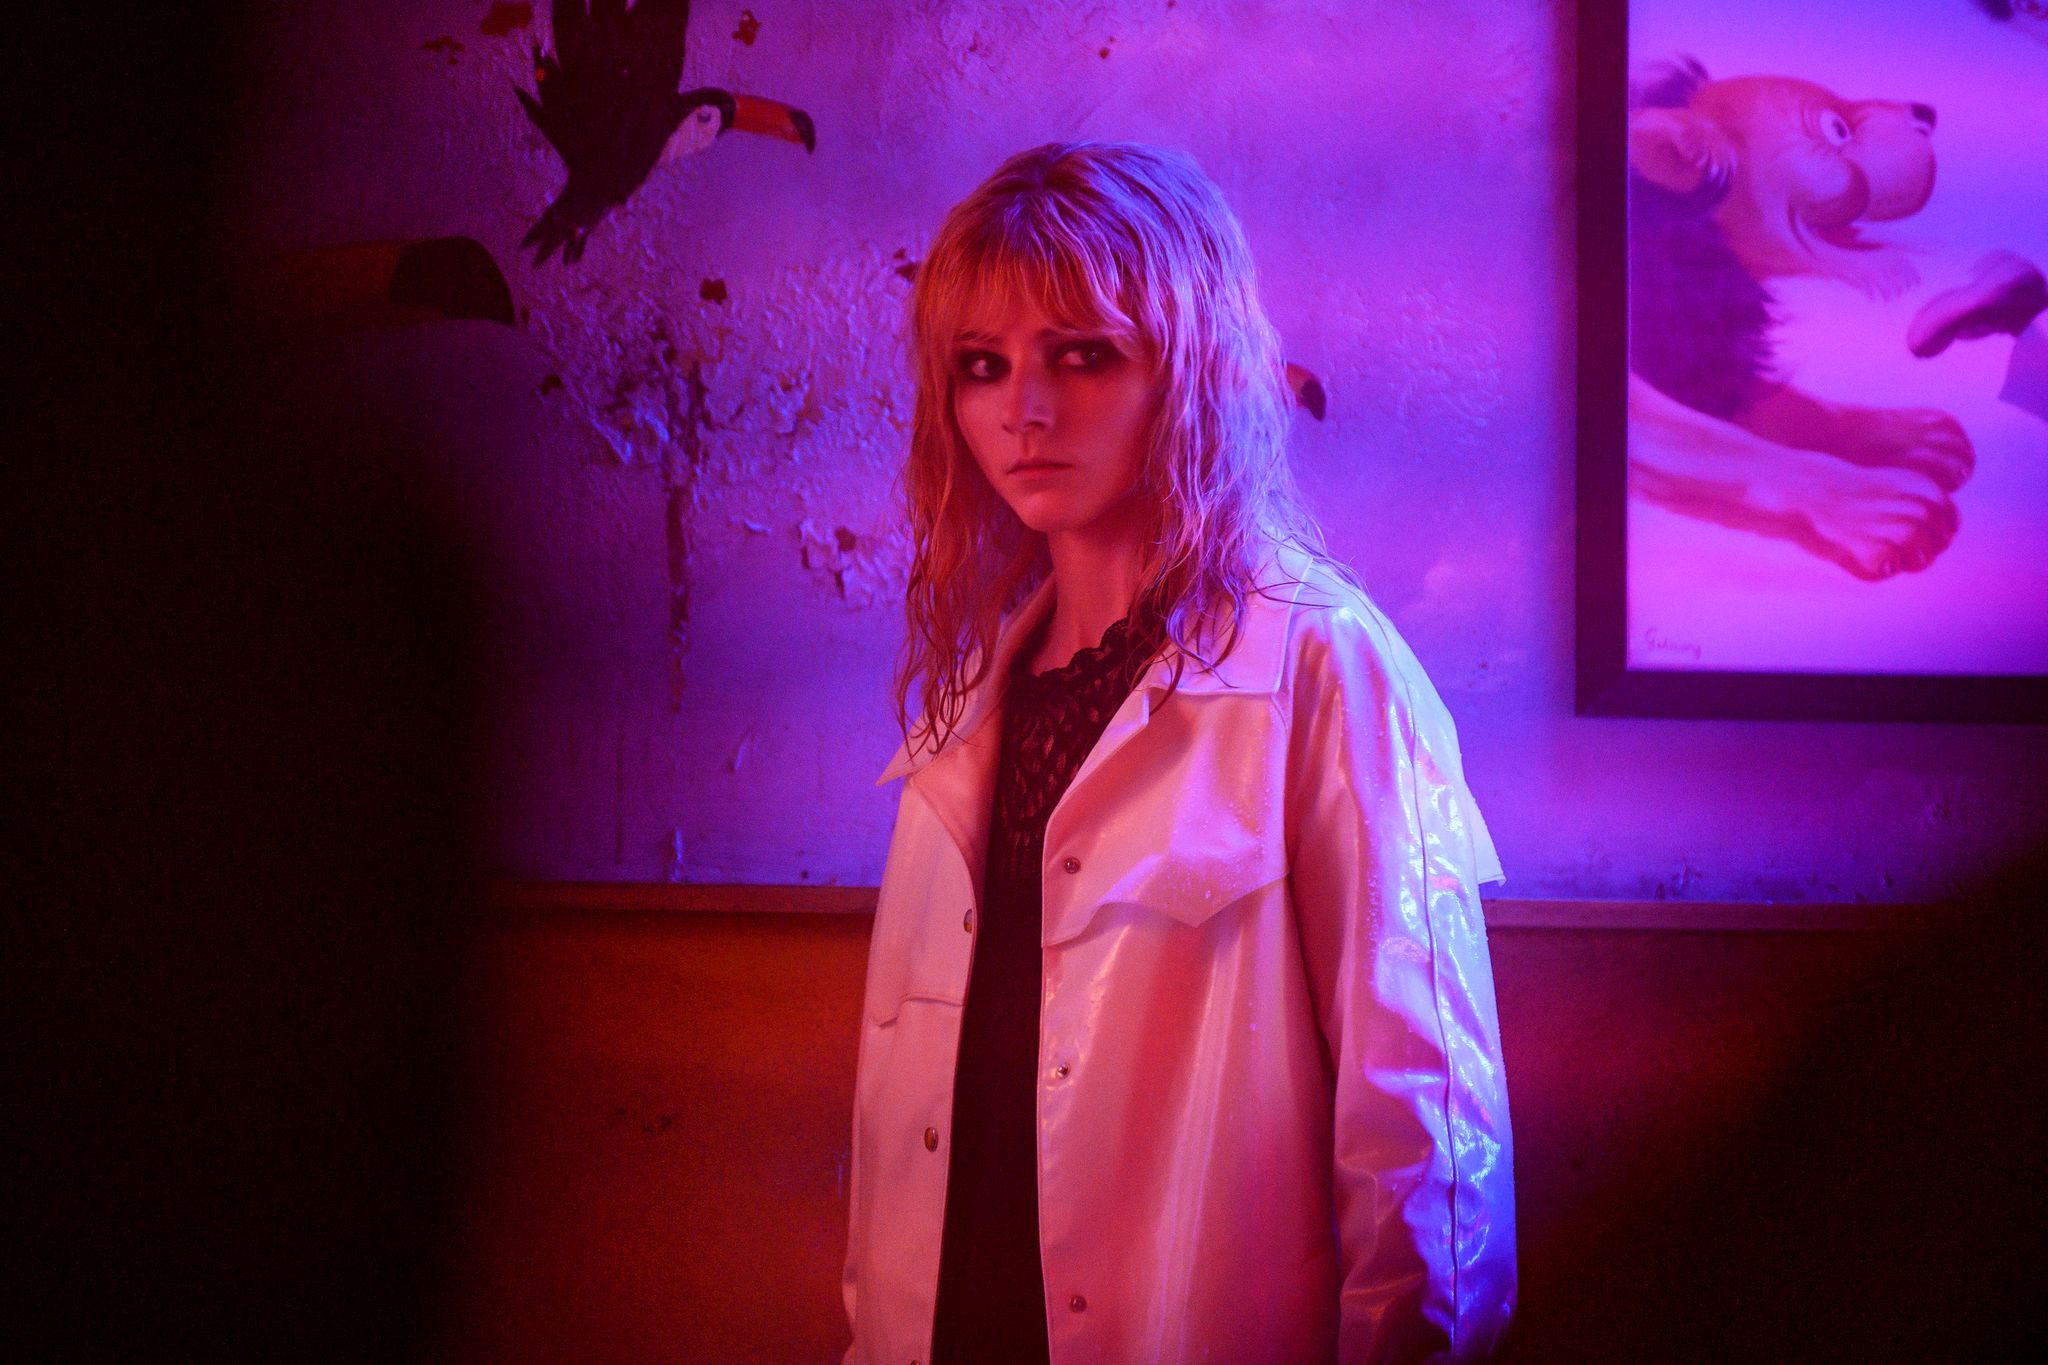 Первый трейлер «Прошлой ночью в Сохо» с Аней Тейлор-Джой 1